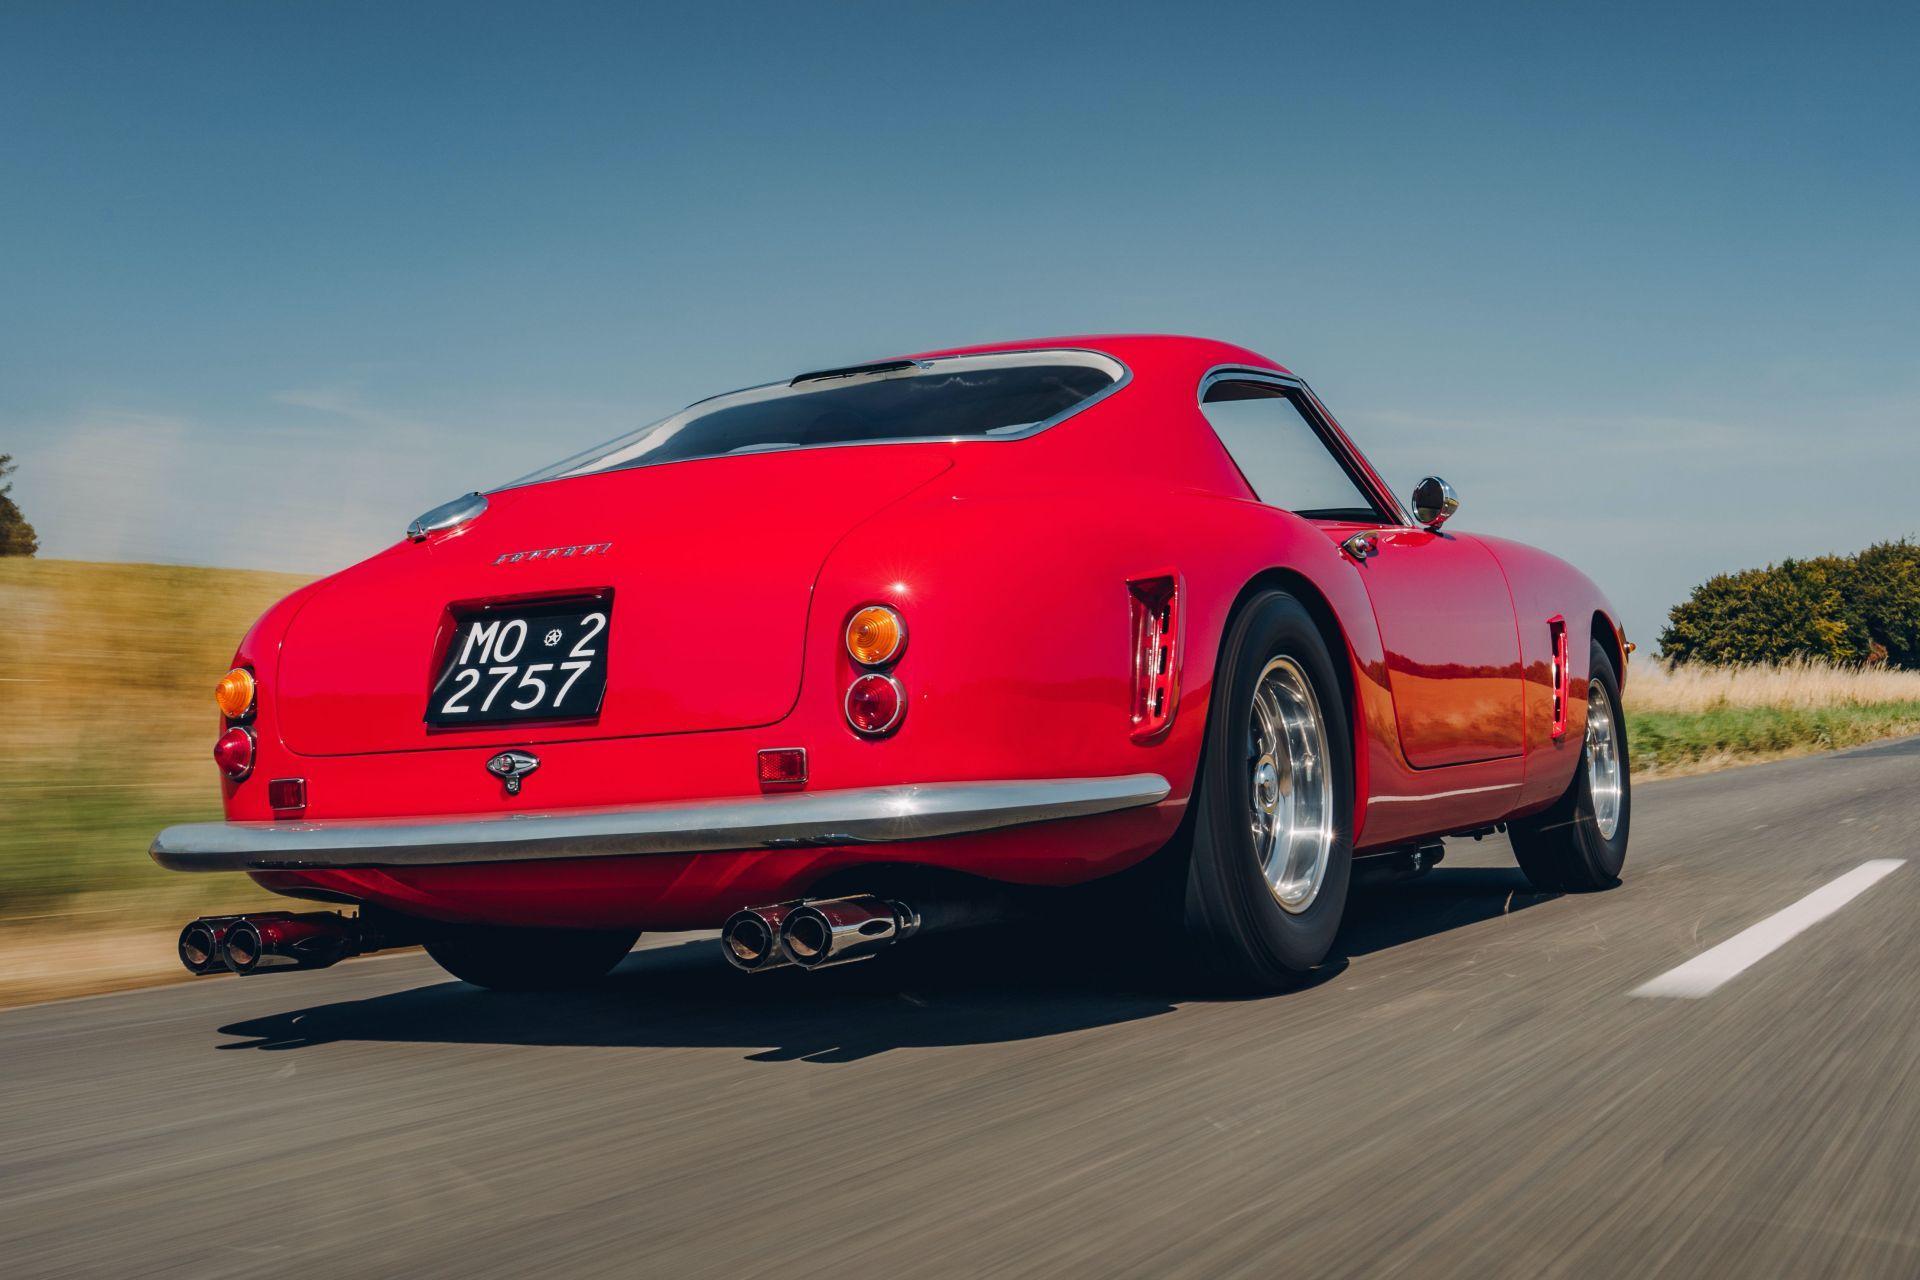 Ferrari-250-GT-SWB-Berlinetta-Competizione-Revival-by-GTO-Engineering-19